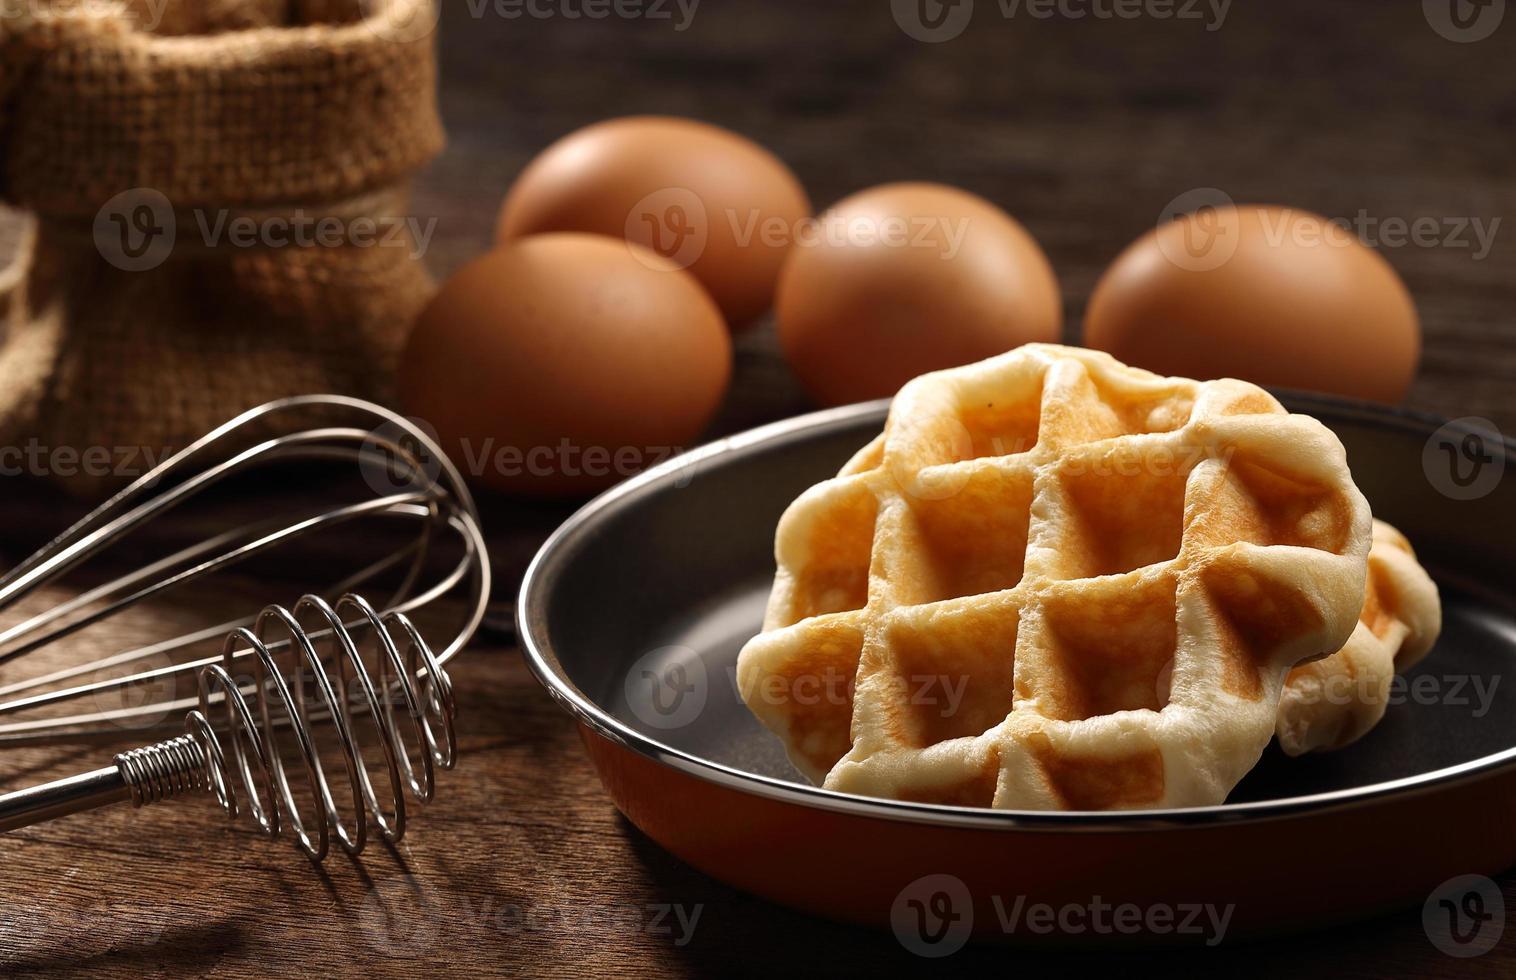 cerrar waffles dentro de una sartén de teflón con batidor y huevos foto